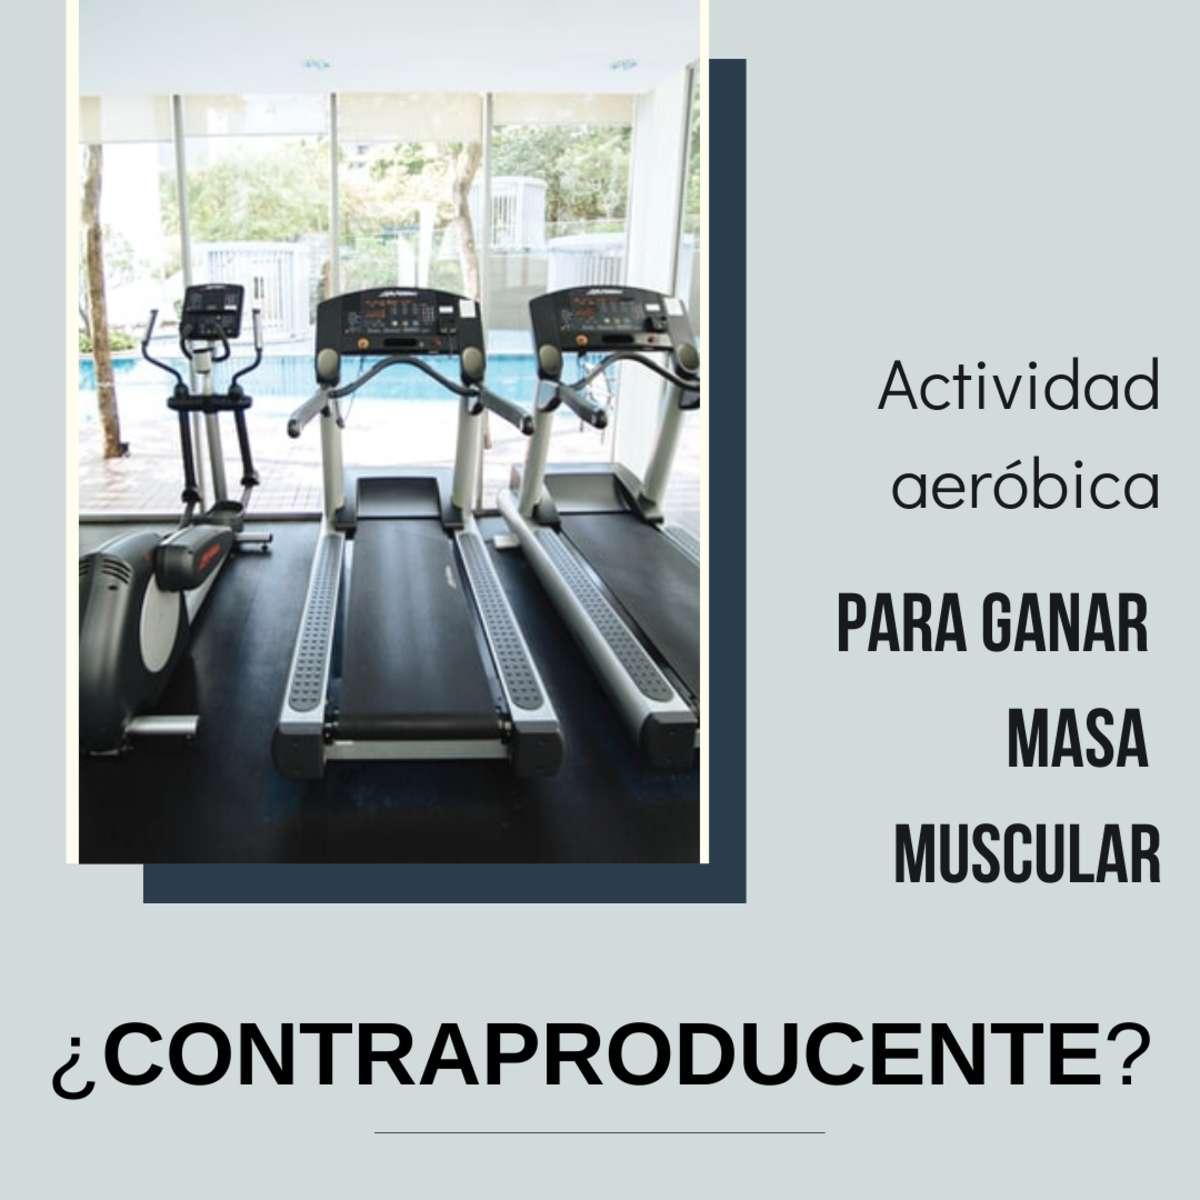 la actividad aerobica es contraproducente para ganar masa muscular